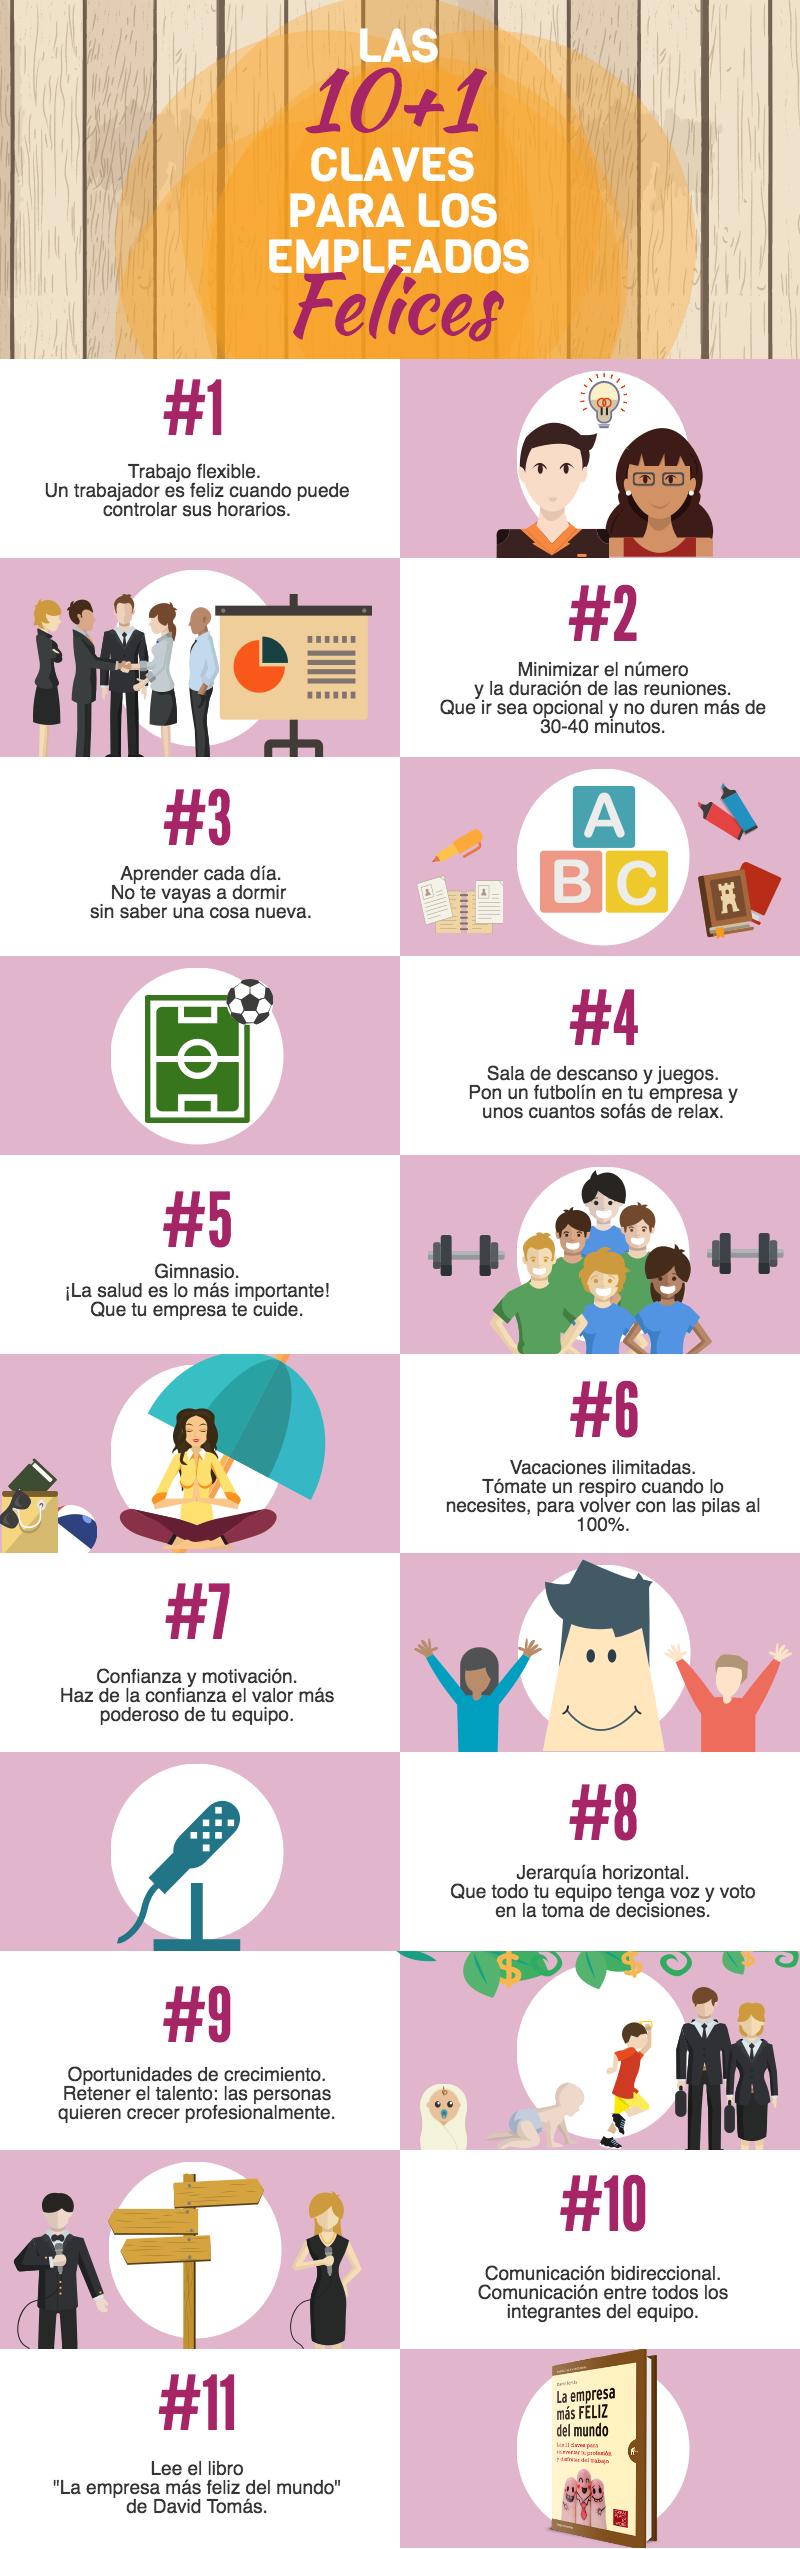 10+1 claves para tener empleados felices